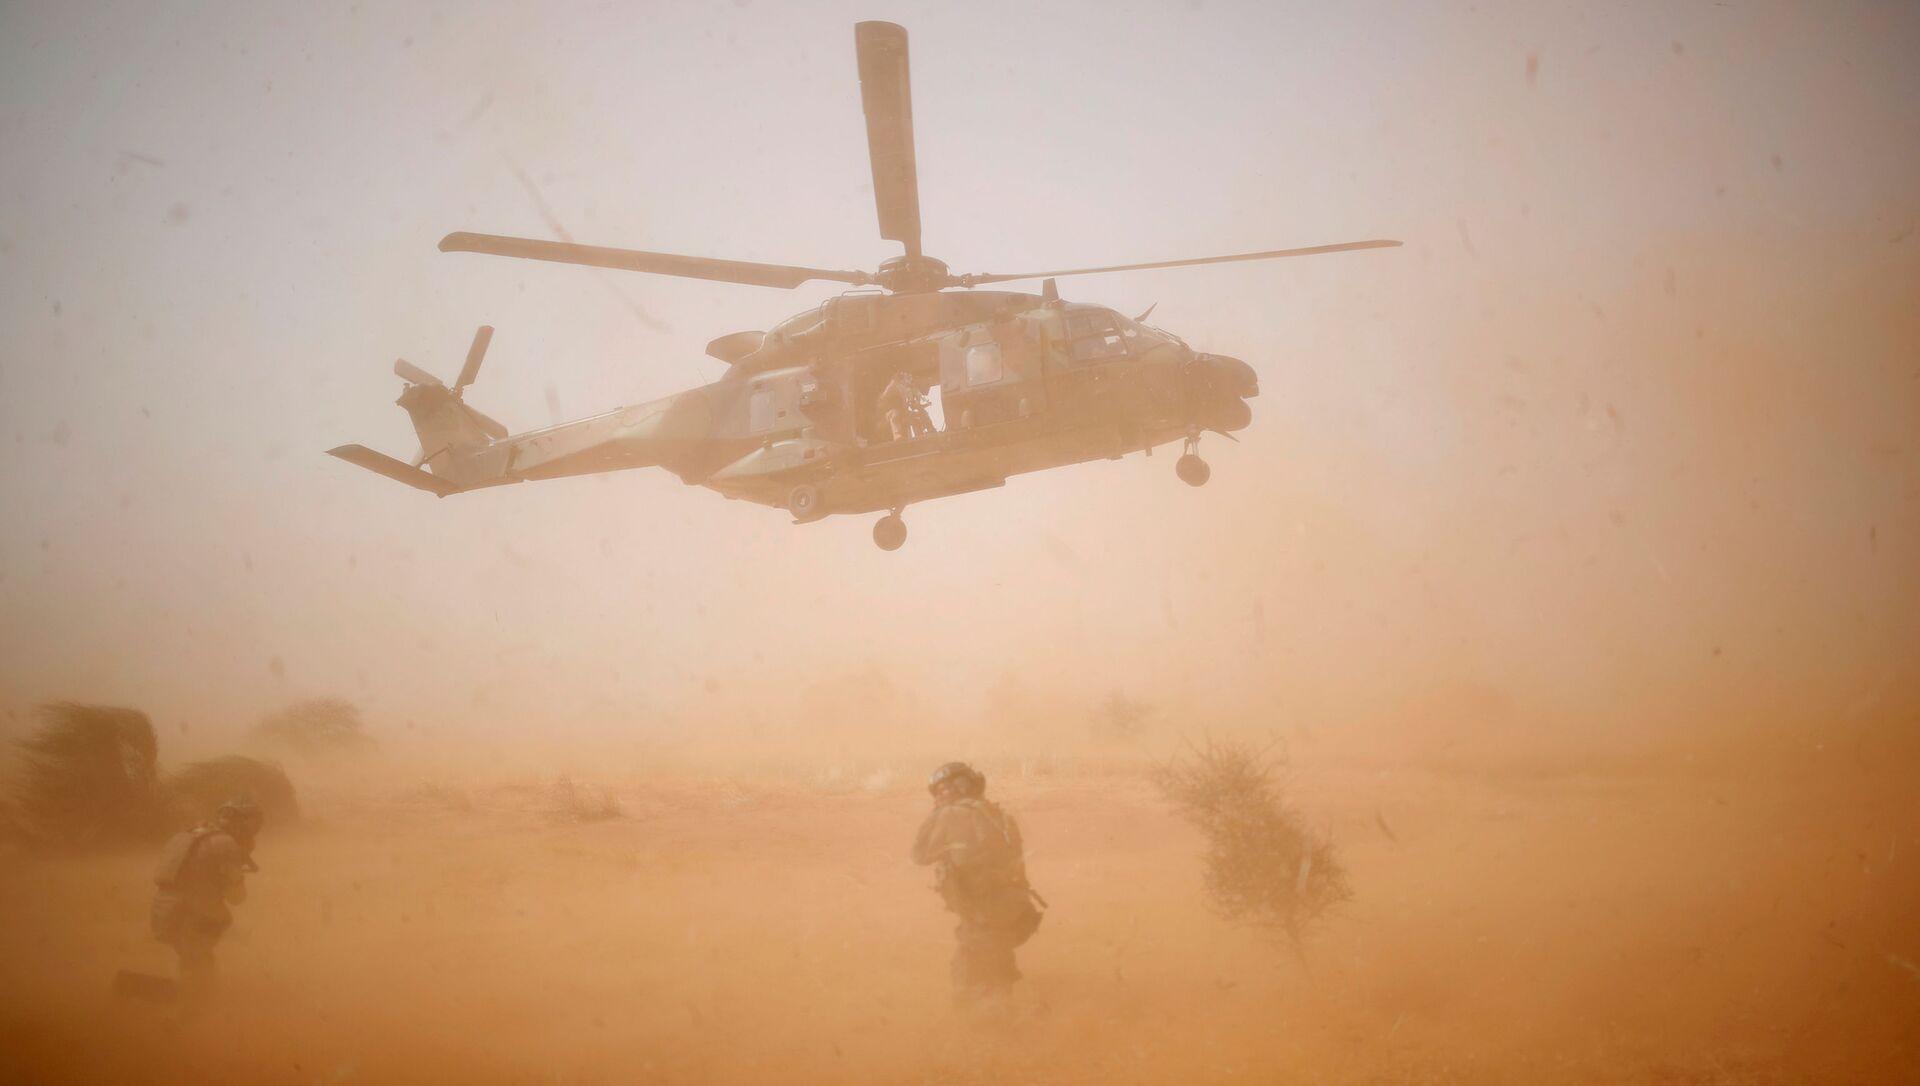 L'ONU conferma la morte di 19 civili nel Mali dopo un raid aereo della Francia - Sputnik Italia, 1920, 30.03.2021